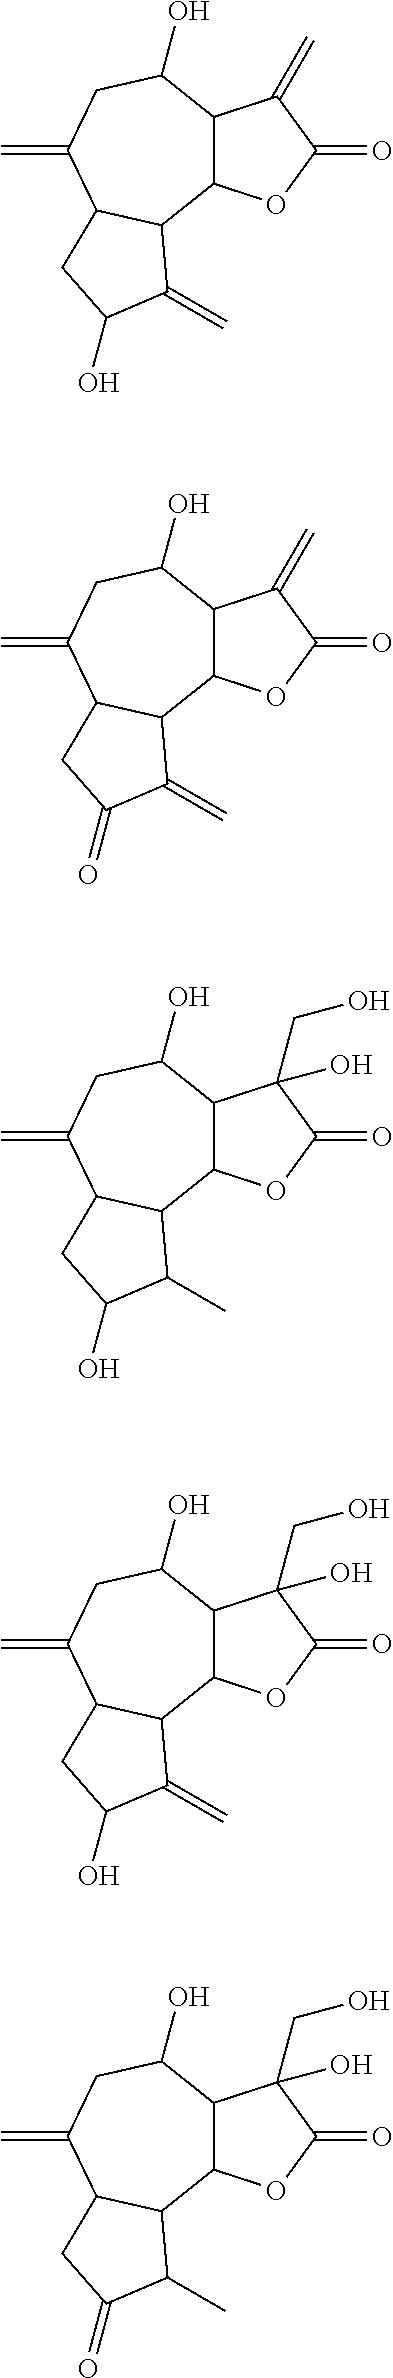 Figure US09962344-20180508-C00195